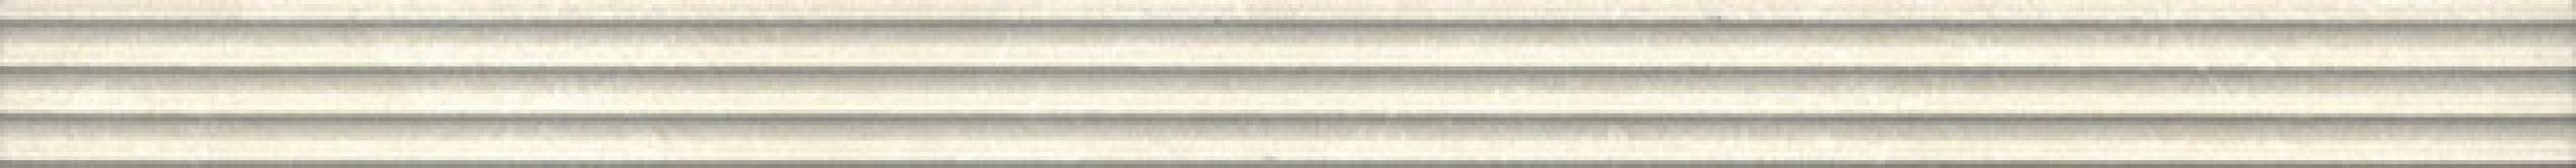 Бордюр Орсэ беж структура 40*3,4